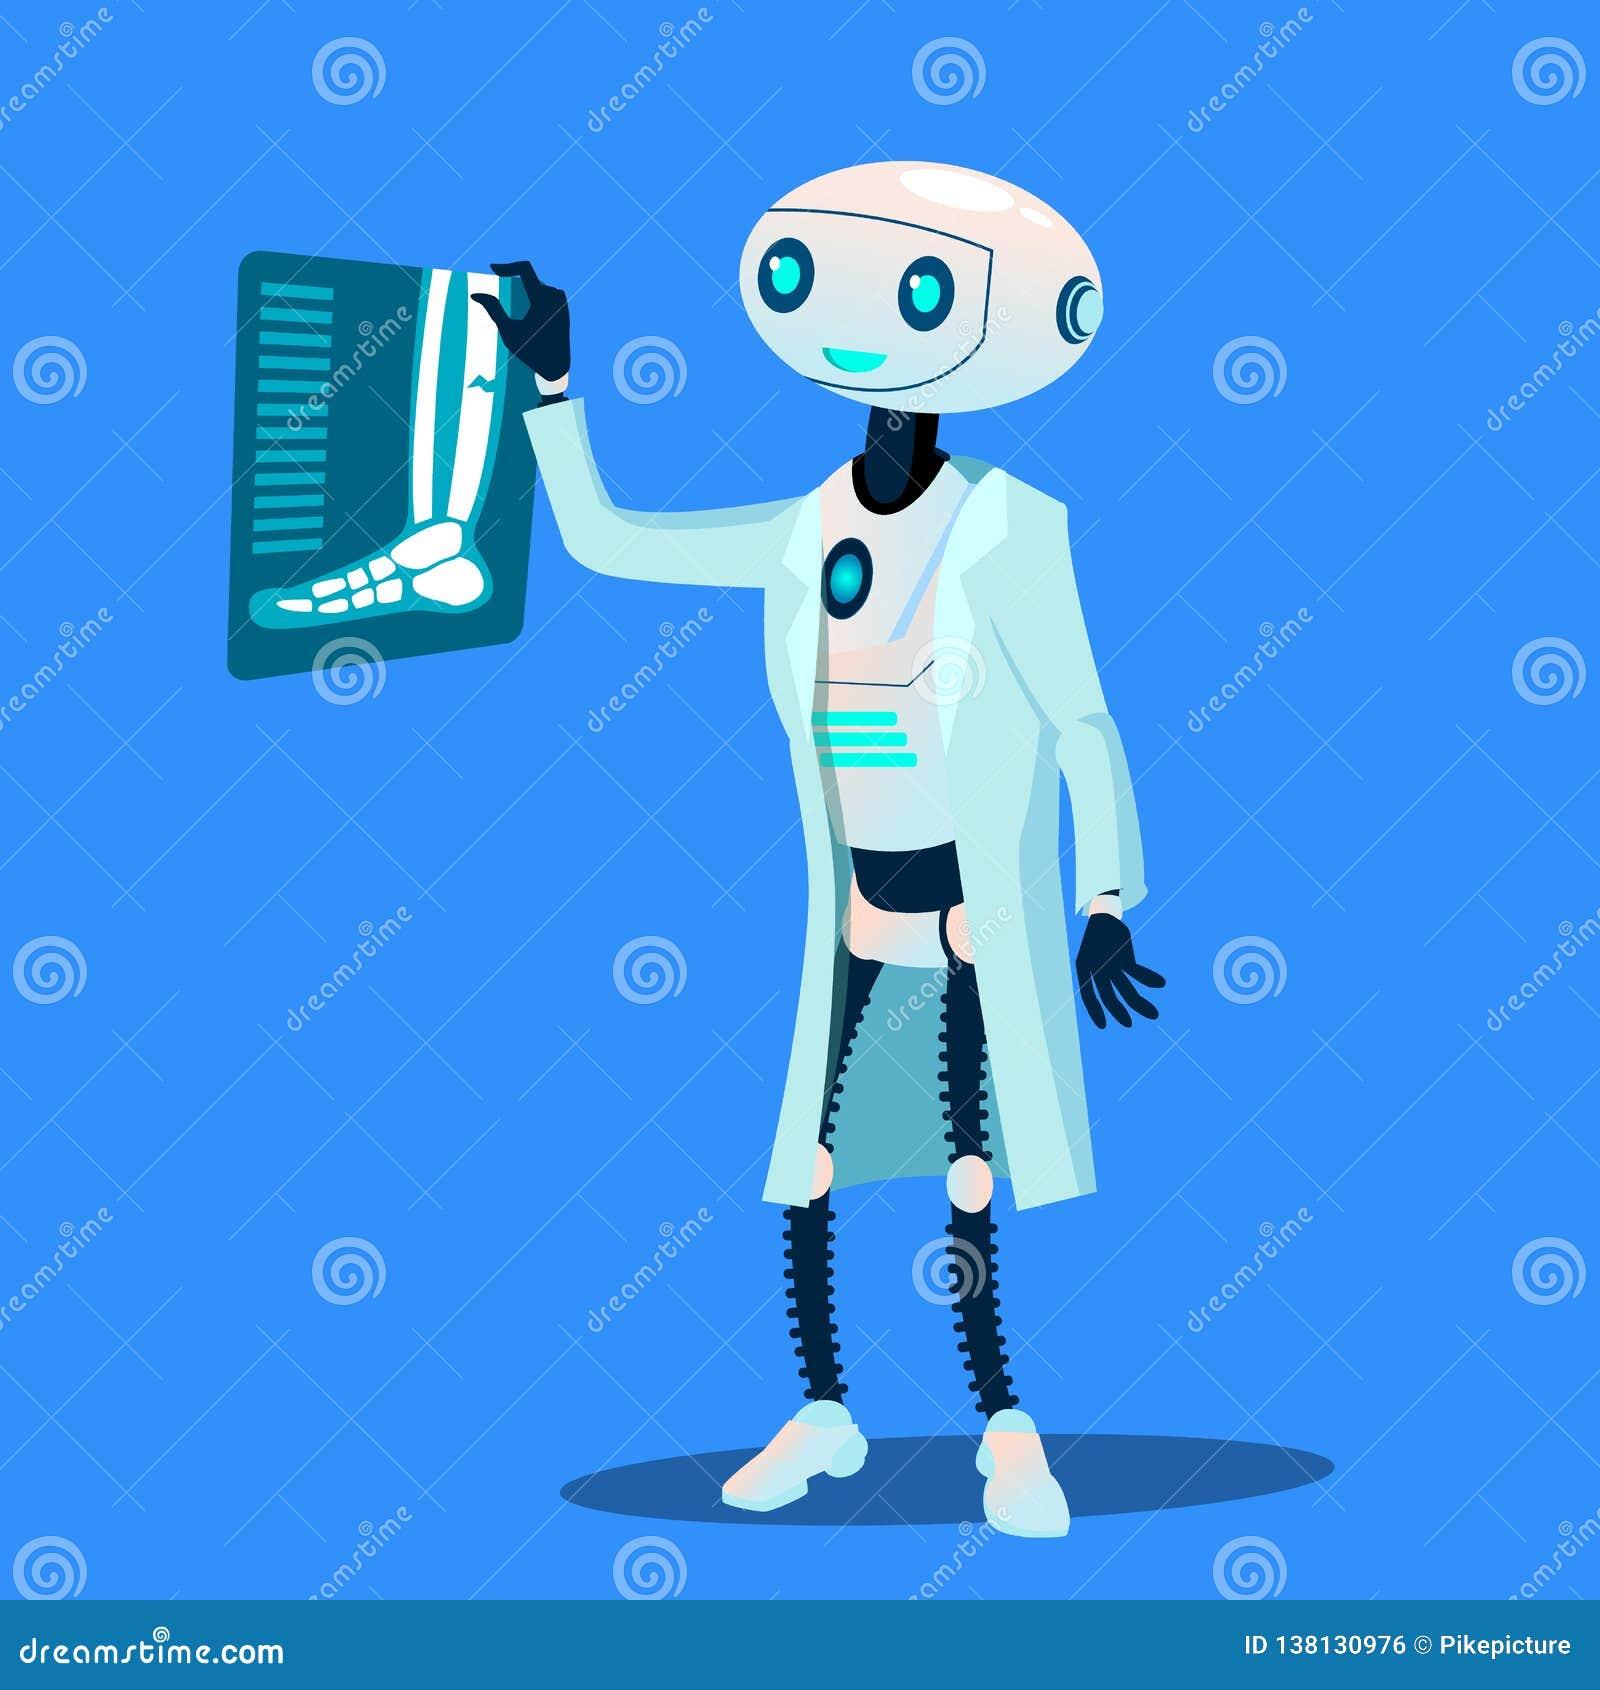 Vettore della gamba rotta del dottore Examines X-Ray Photograph Of del robot Illustrazione isolata